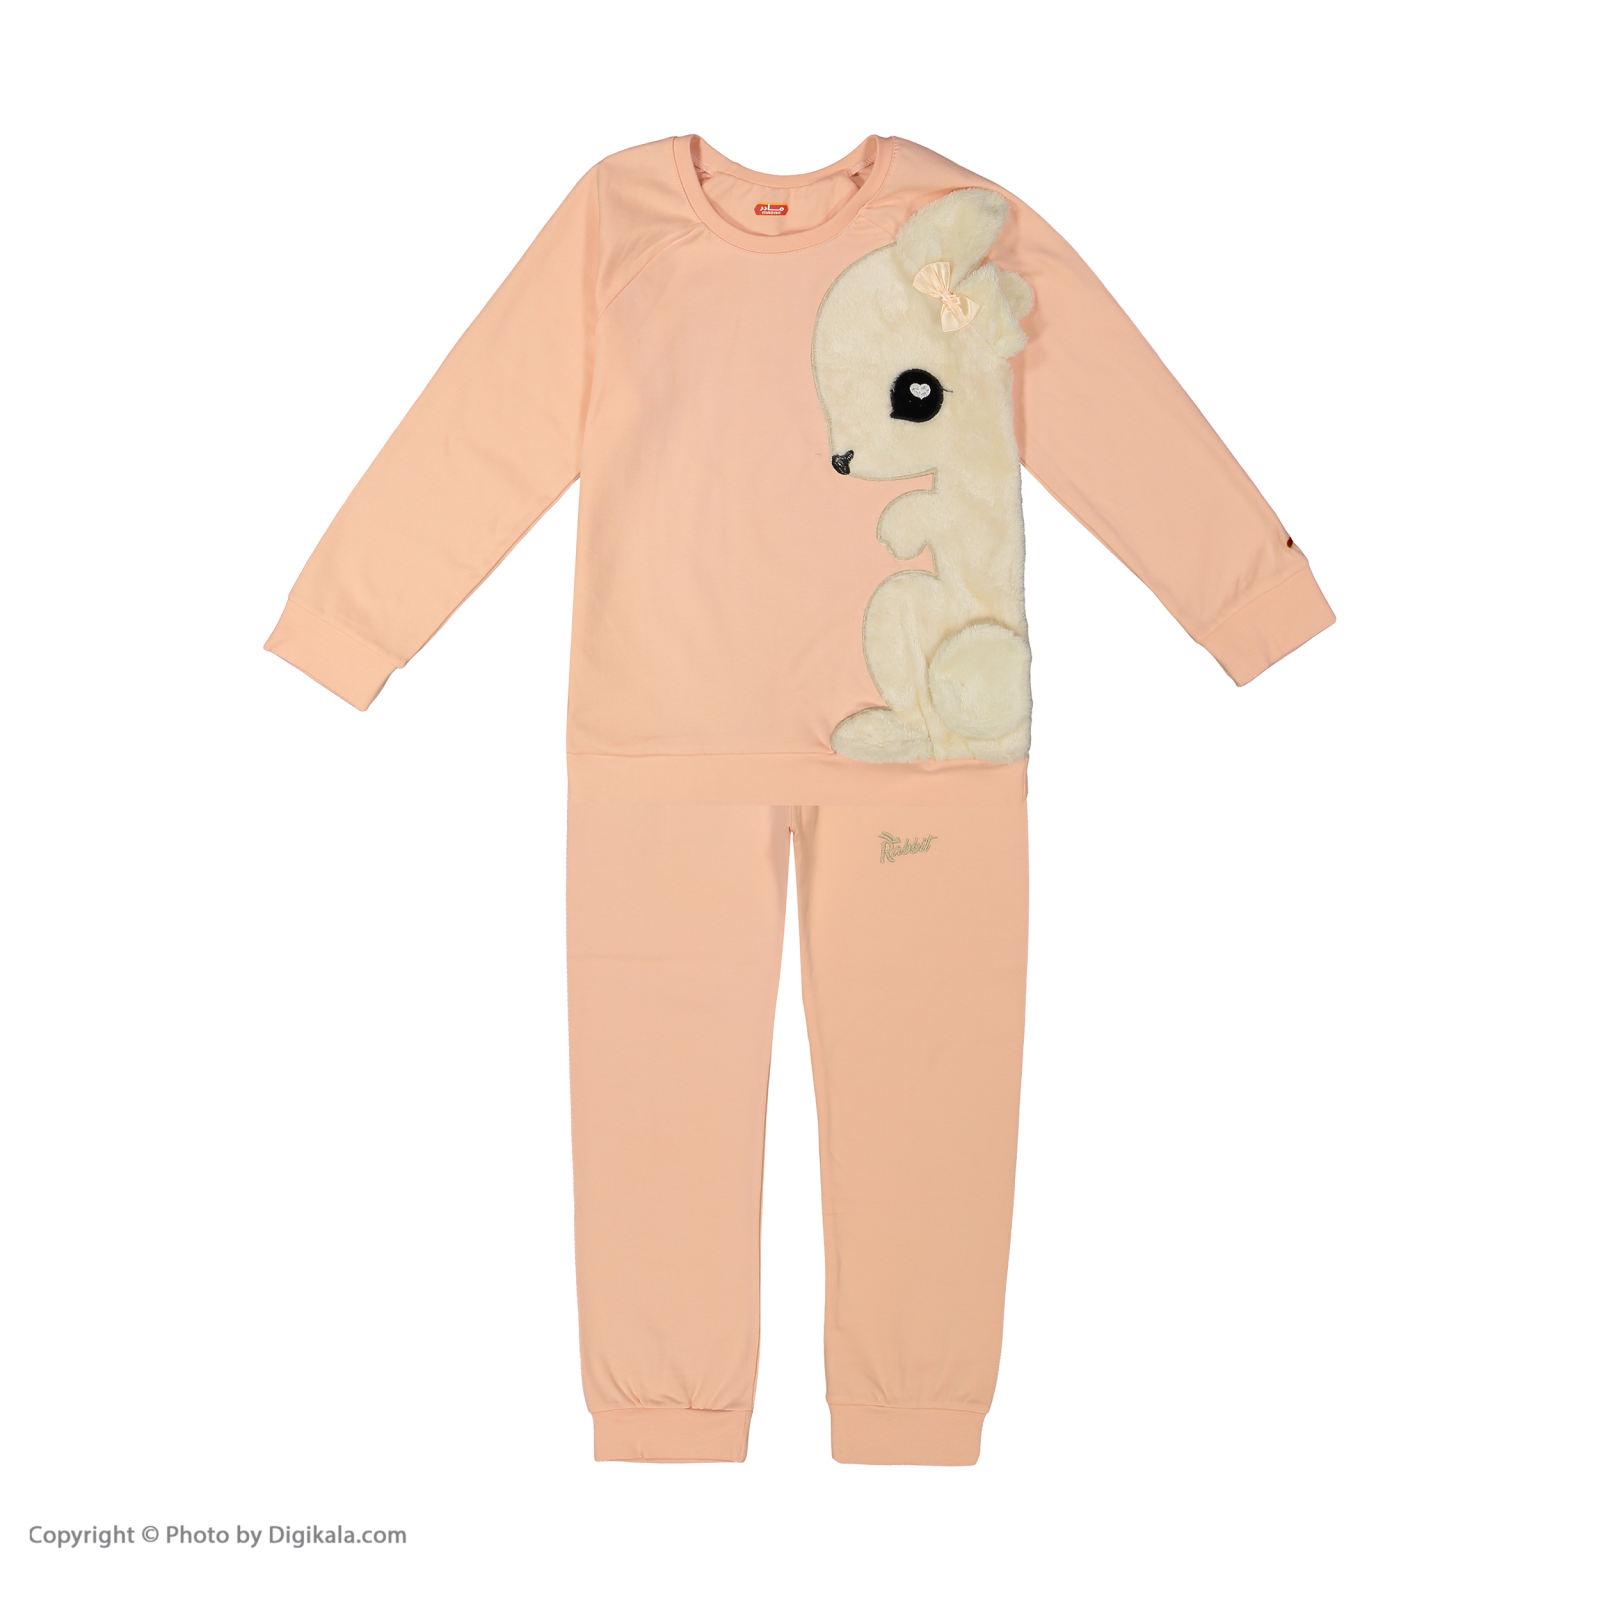 ست تی شرت و شلوار دخترانه مادر مدل 302-80 main 1 1